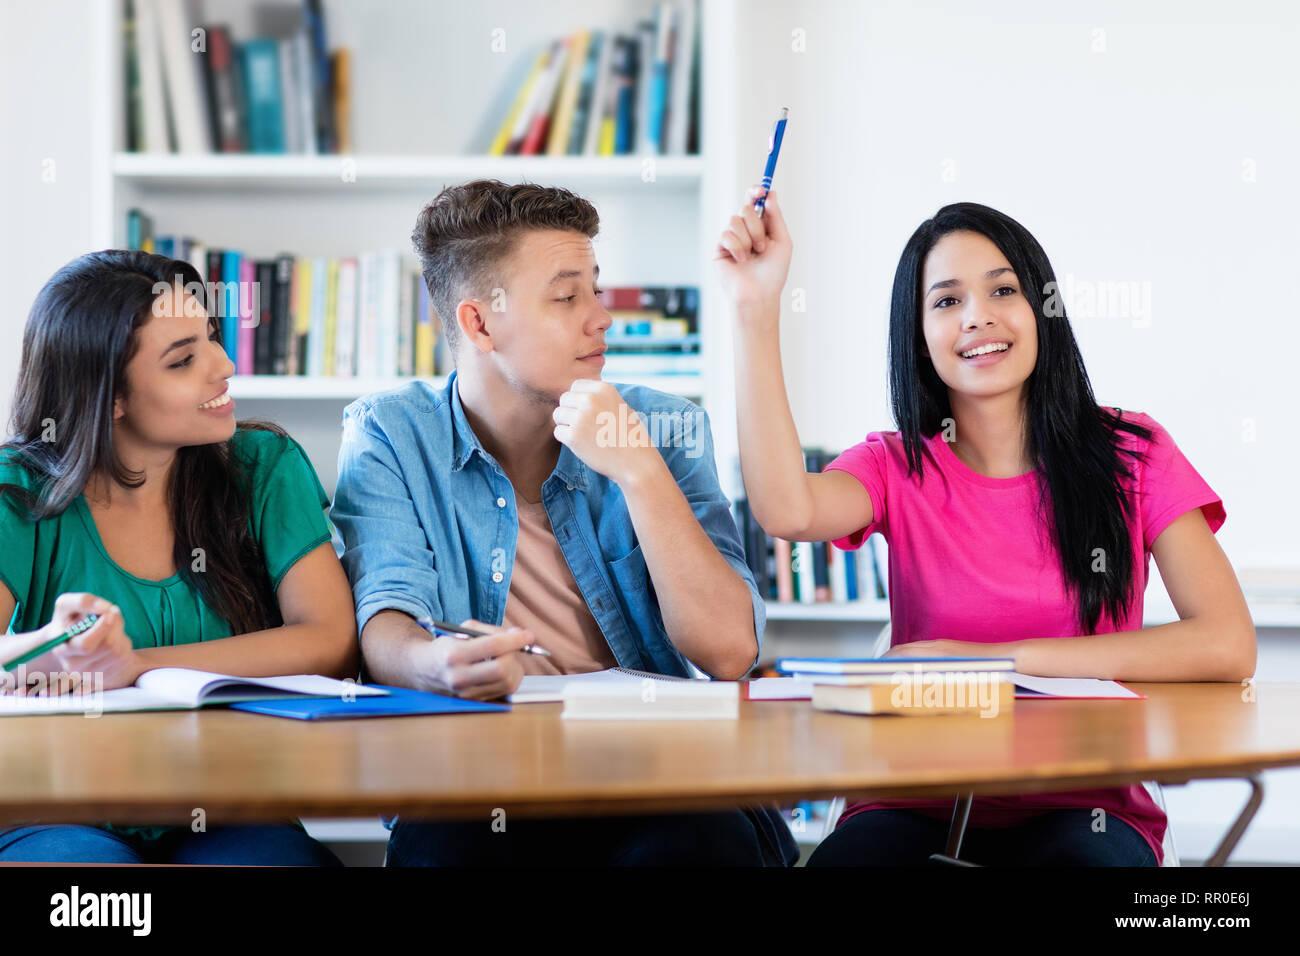 Estudiante mexicano levantando la mano en el aula de la escuela Imagen De Stock